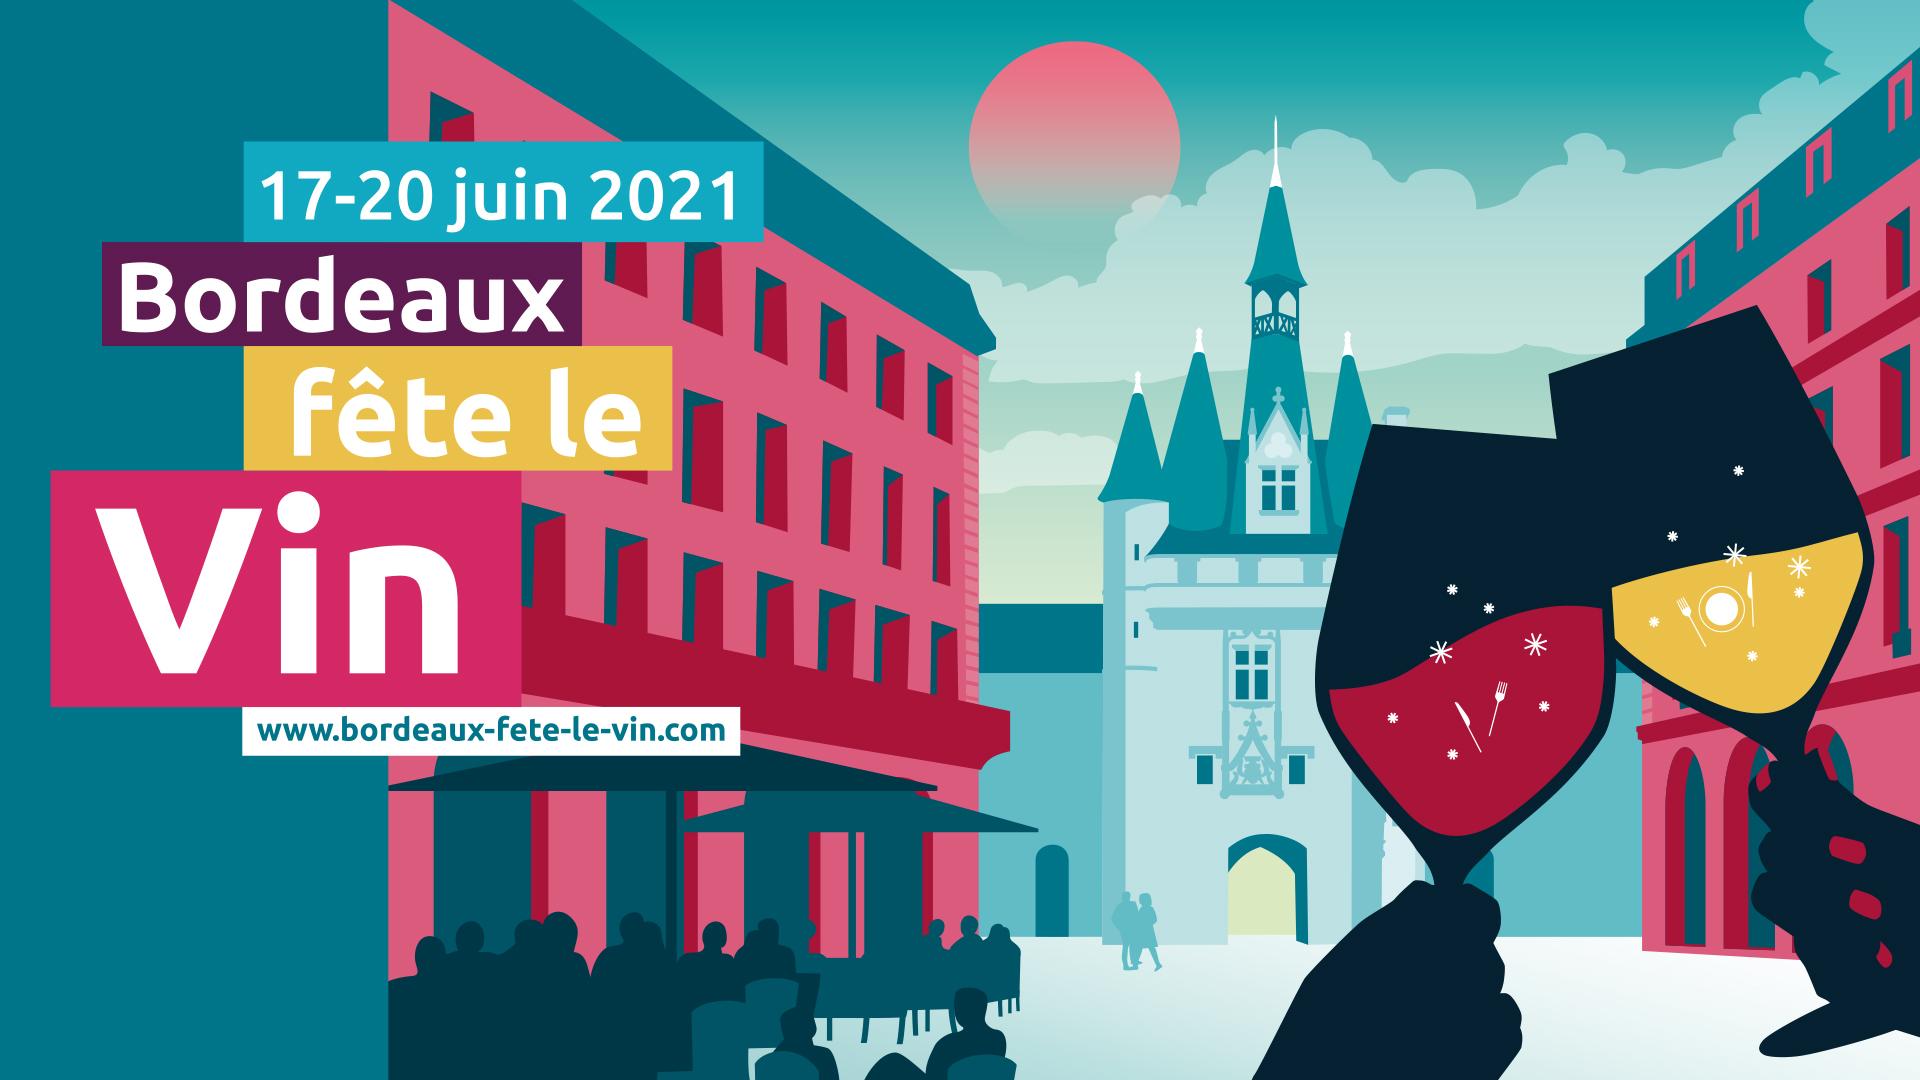 Bordeaux fête le vin en Juin 2021 dans une version inédite